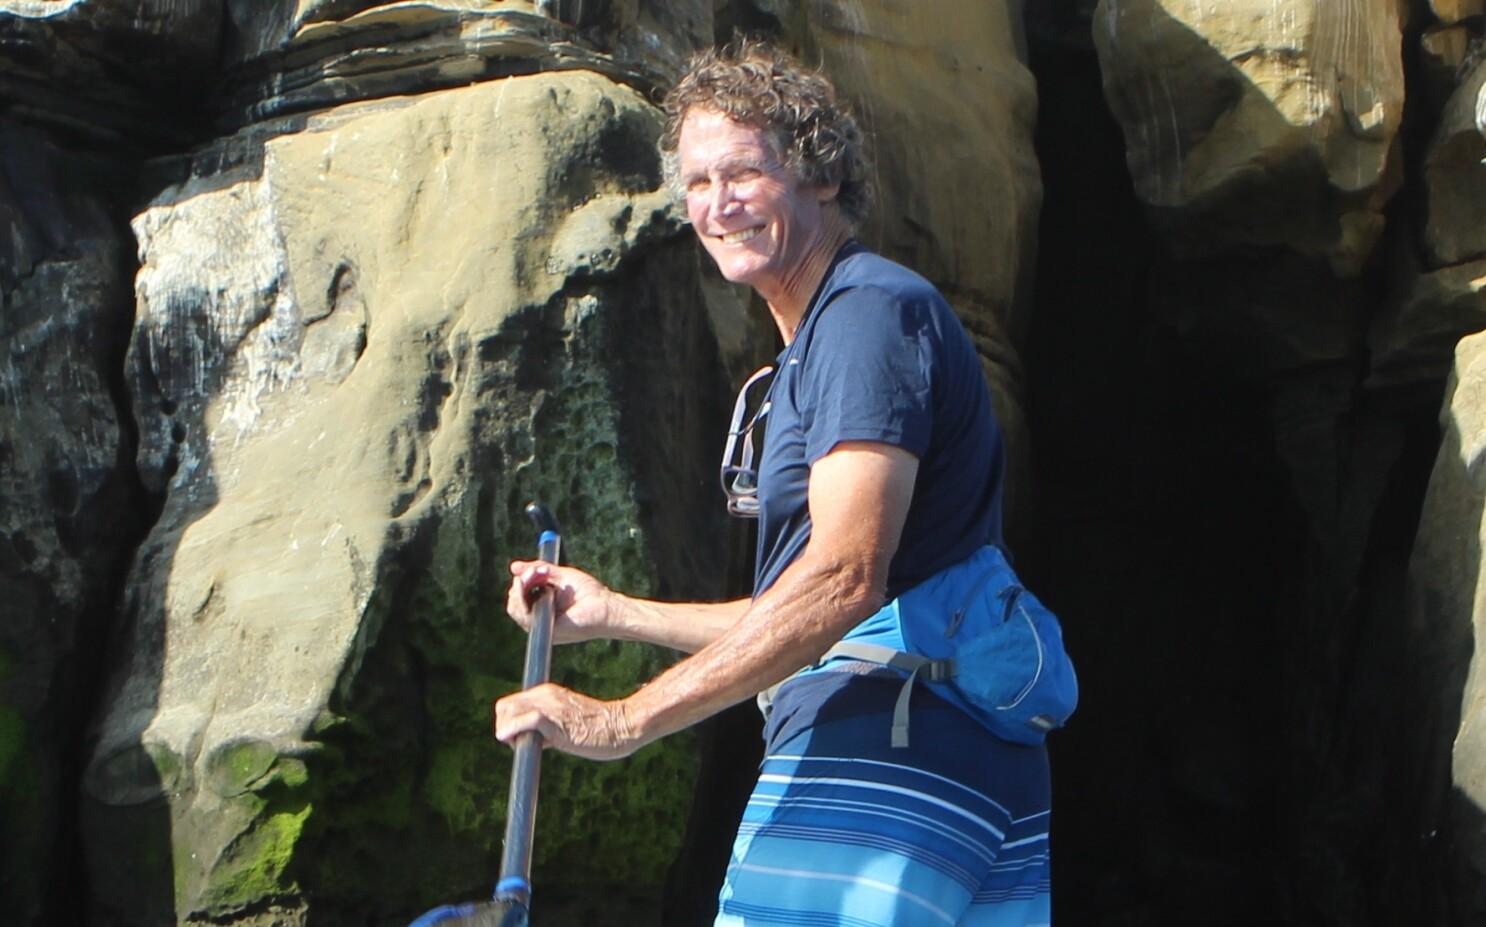 San Diego completes work on unstable La Jolla sea cave